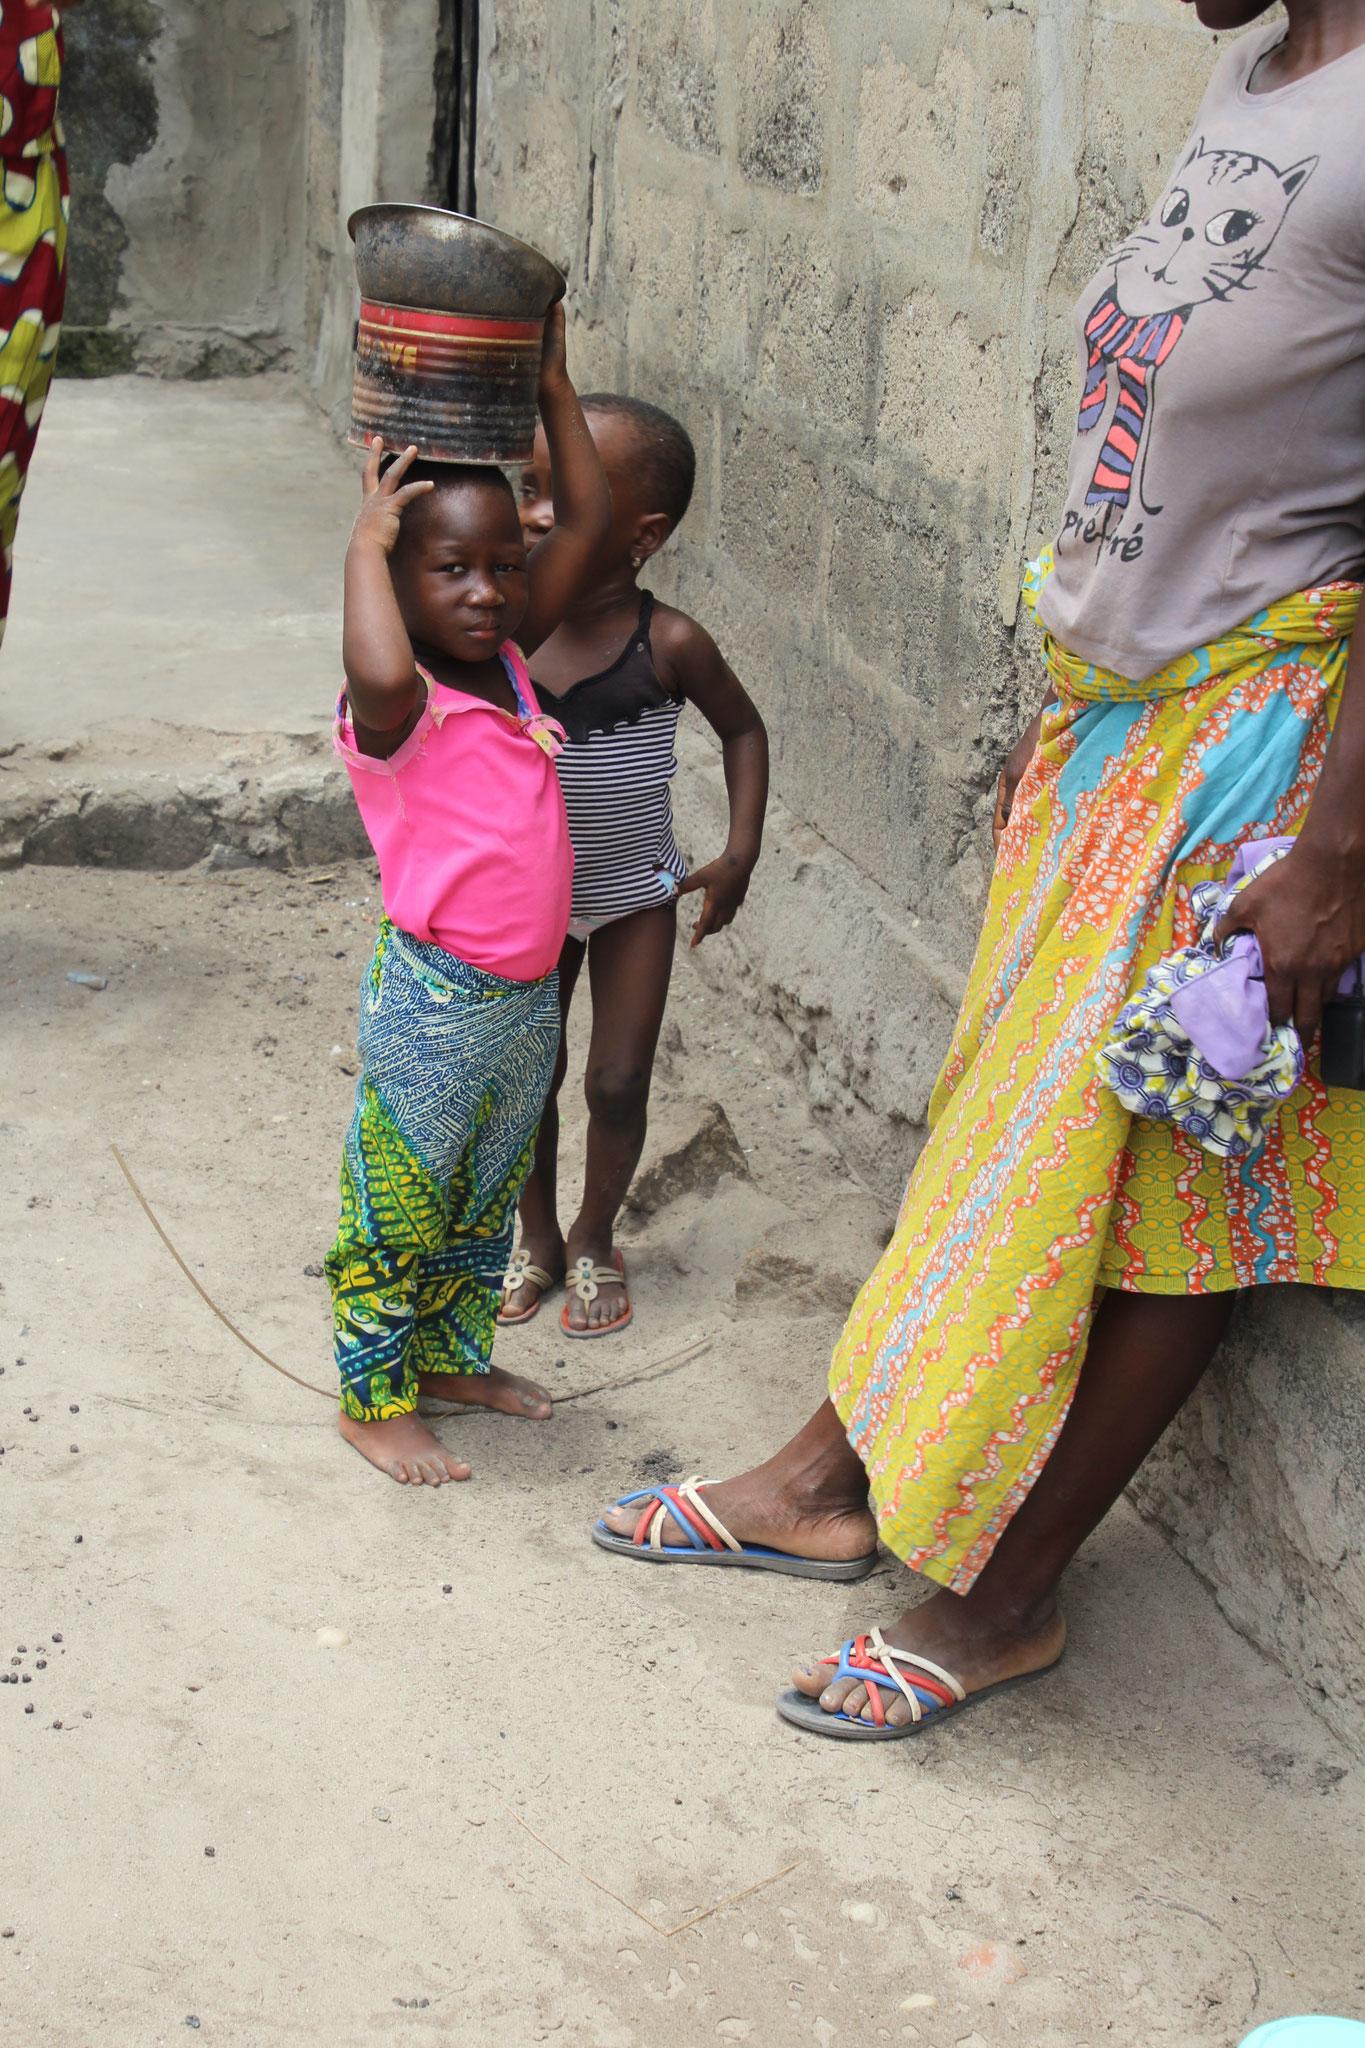 21. Schon ganz kleine Kinder lernen Sachen auf dem Kopf zu tragen.